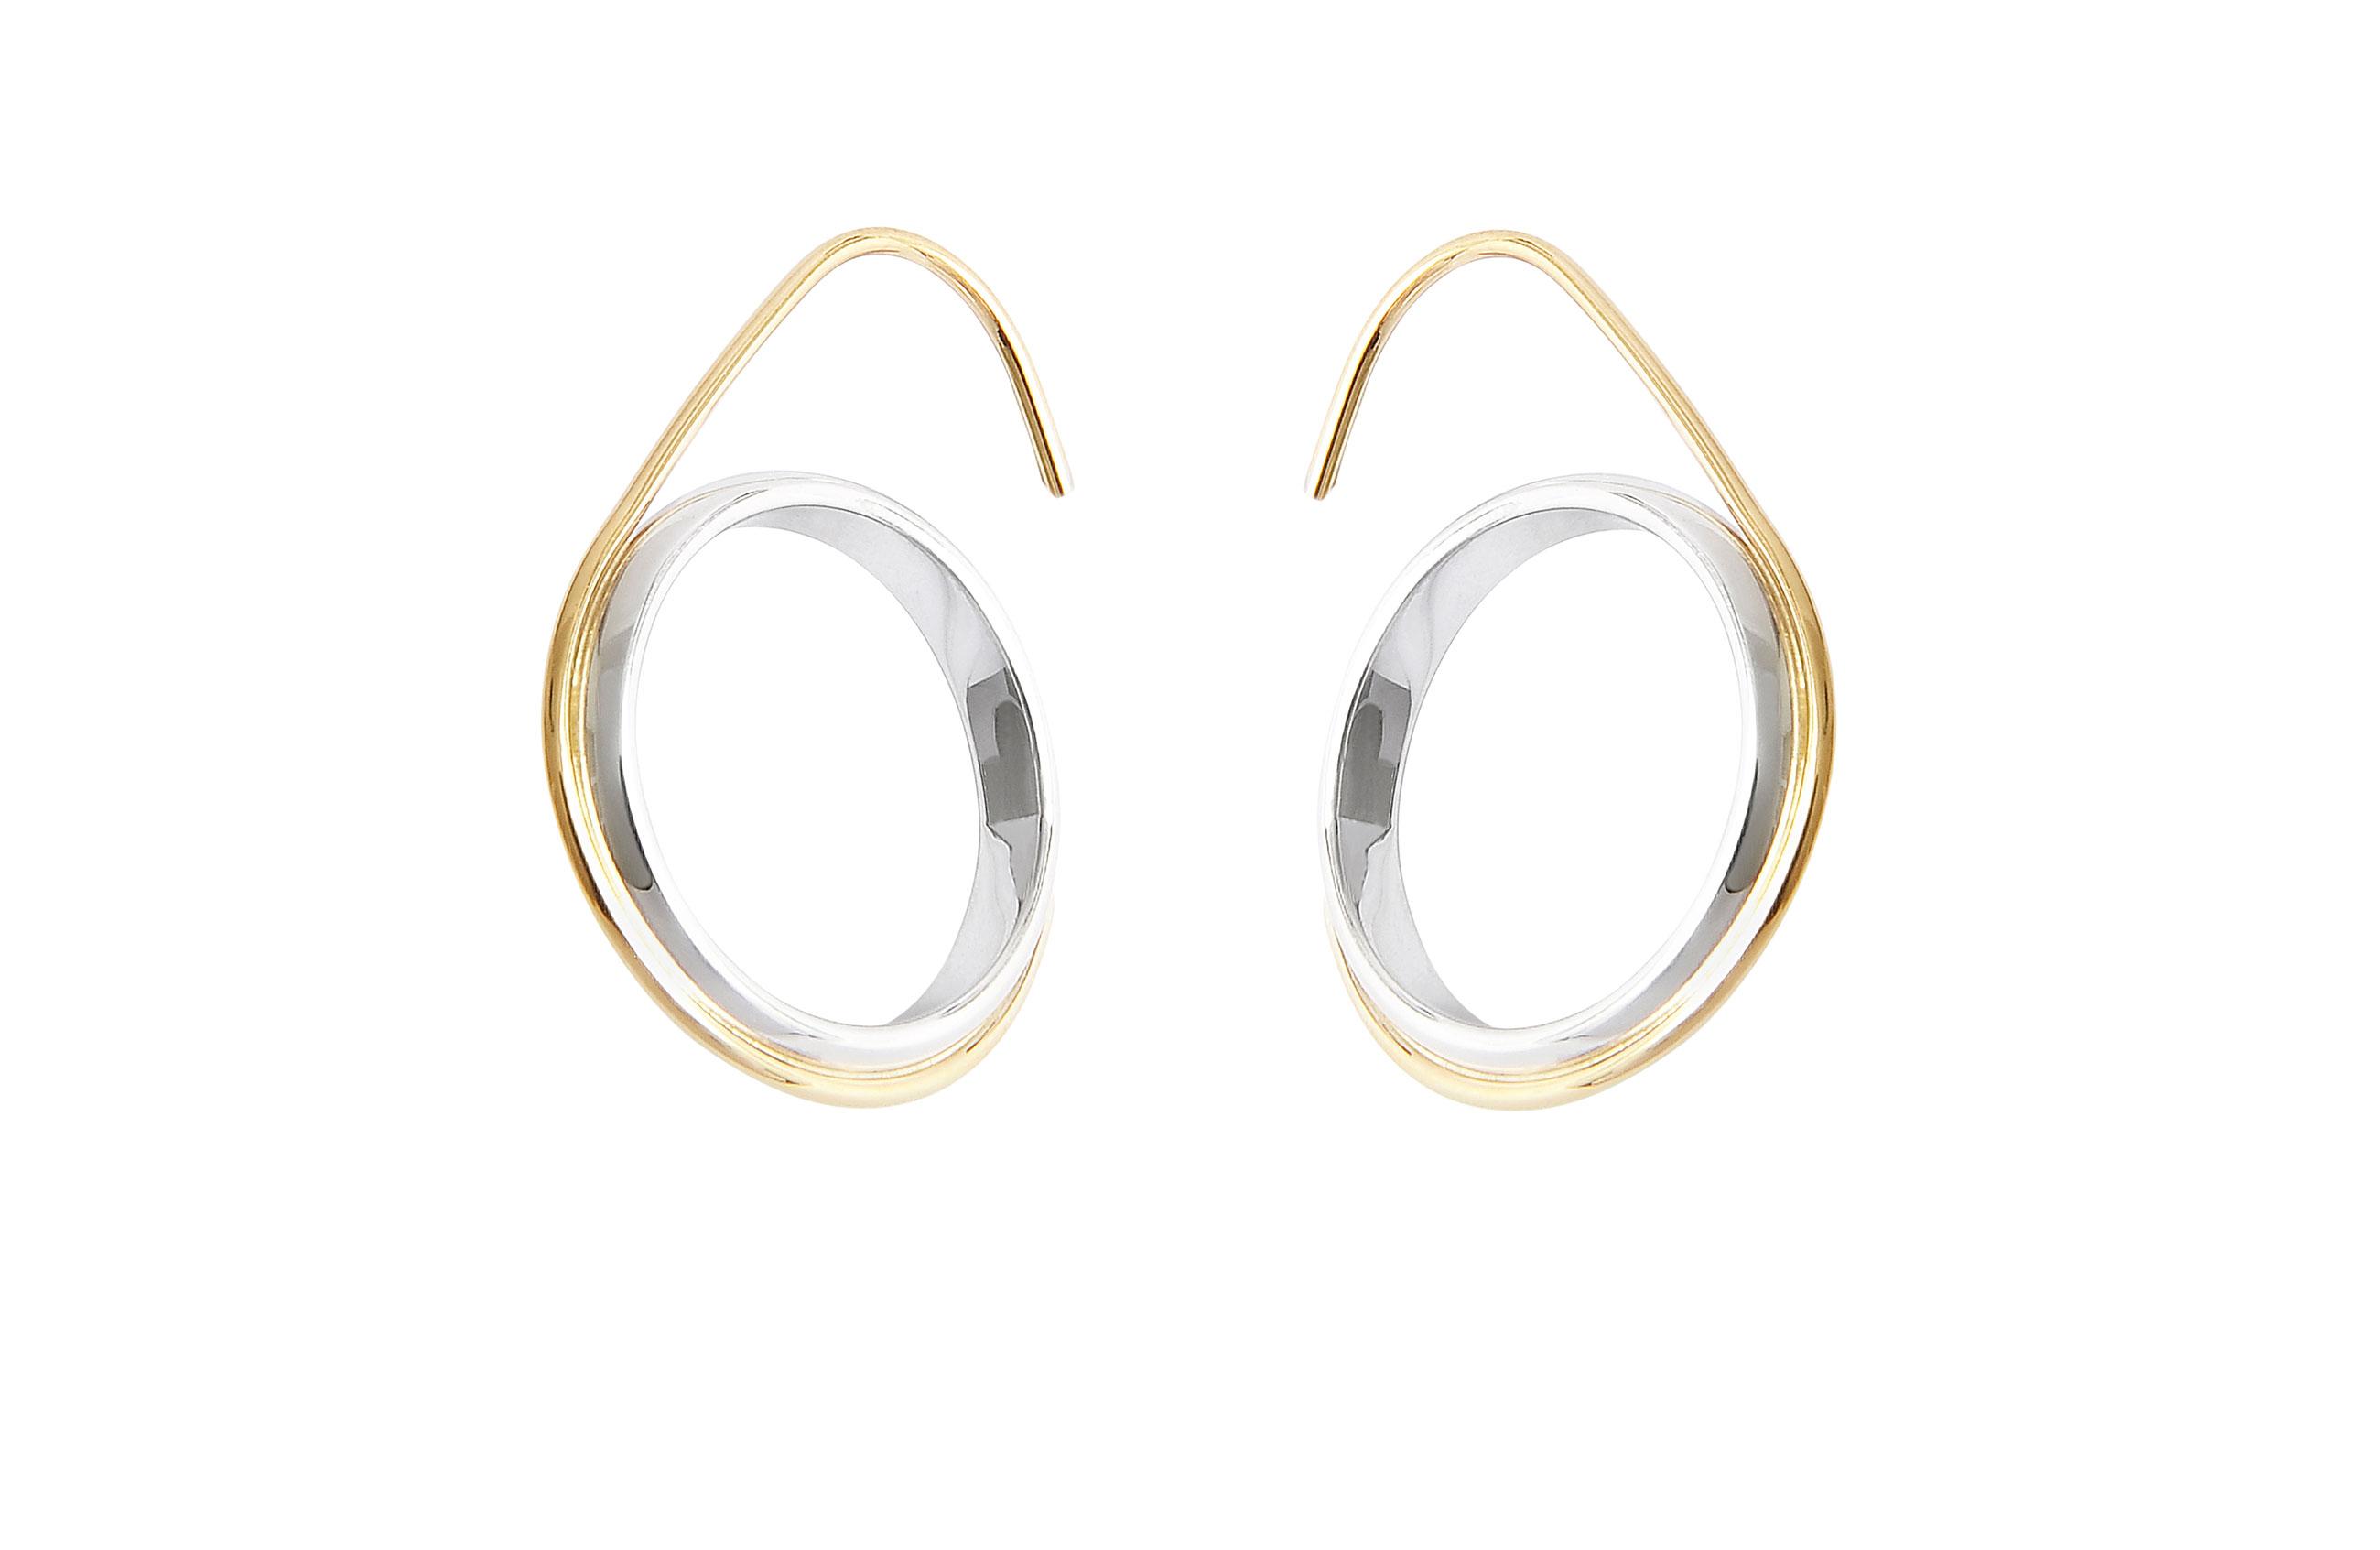 adeline cacheux créole boucles d'oreilles earrings